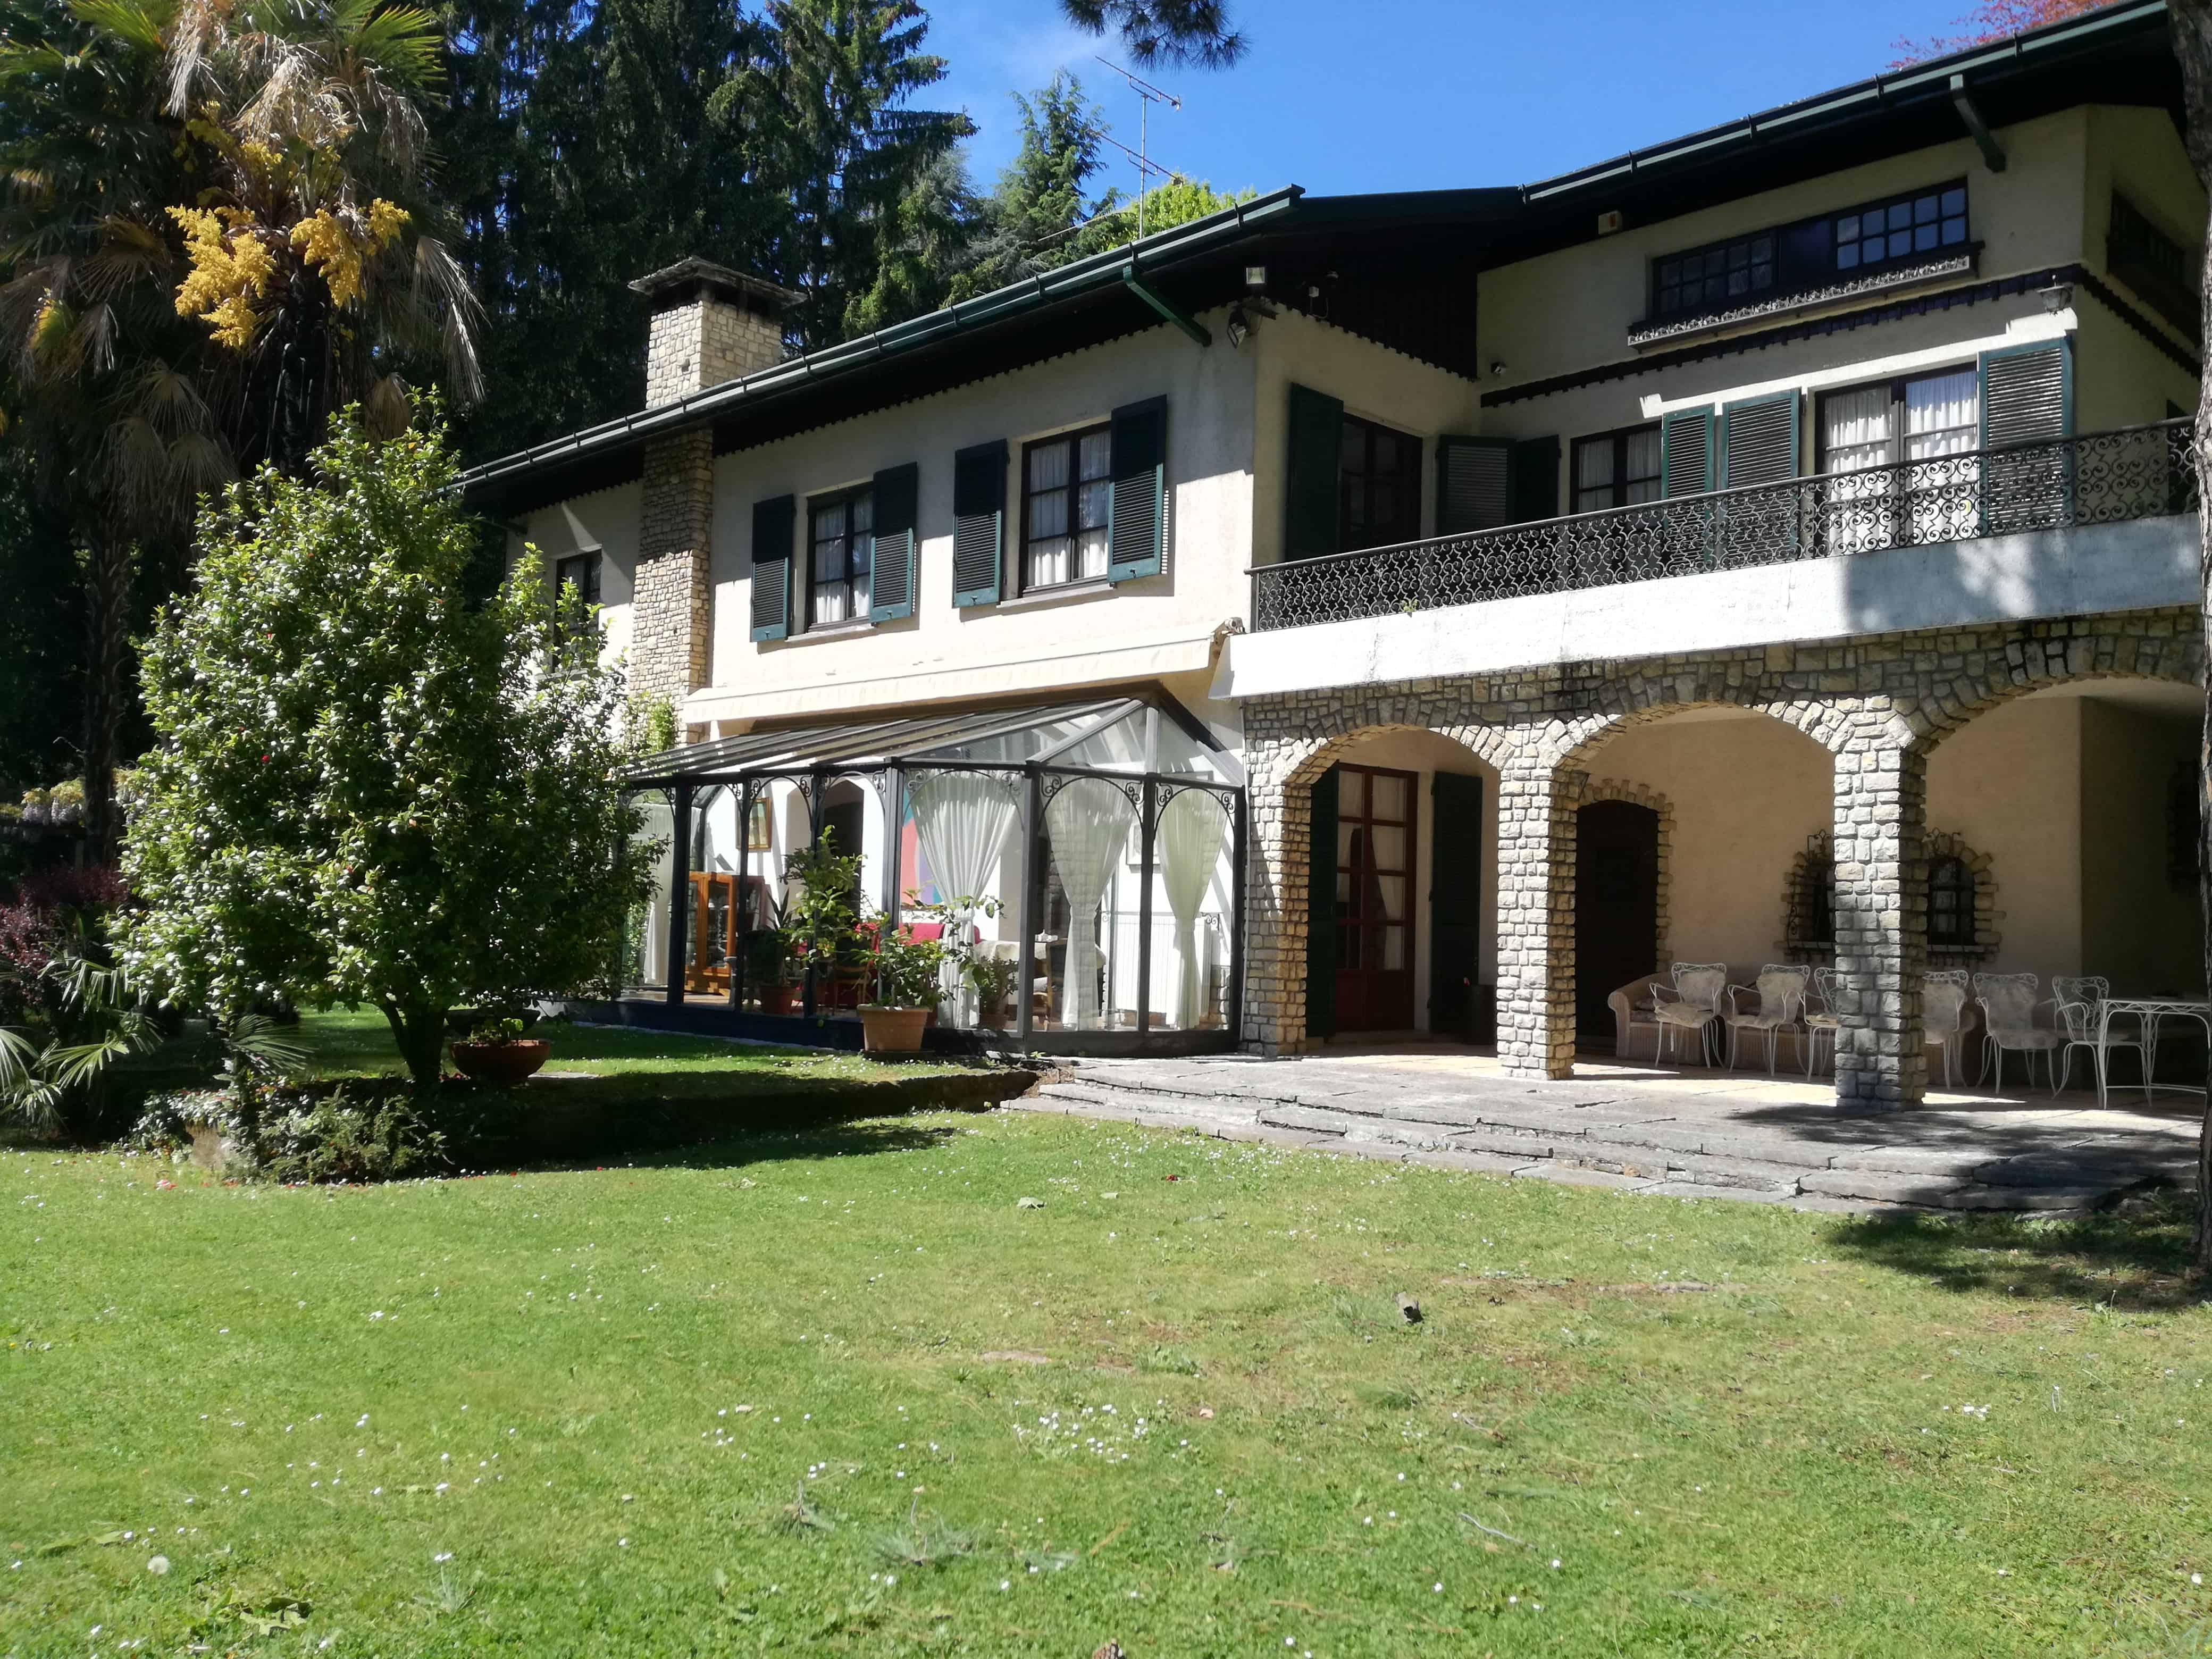 Matrimonio Rustico Brianza : Promozione matrimonio villa e catering a euro